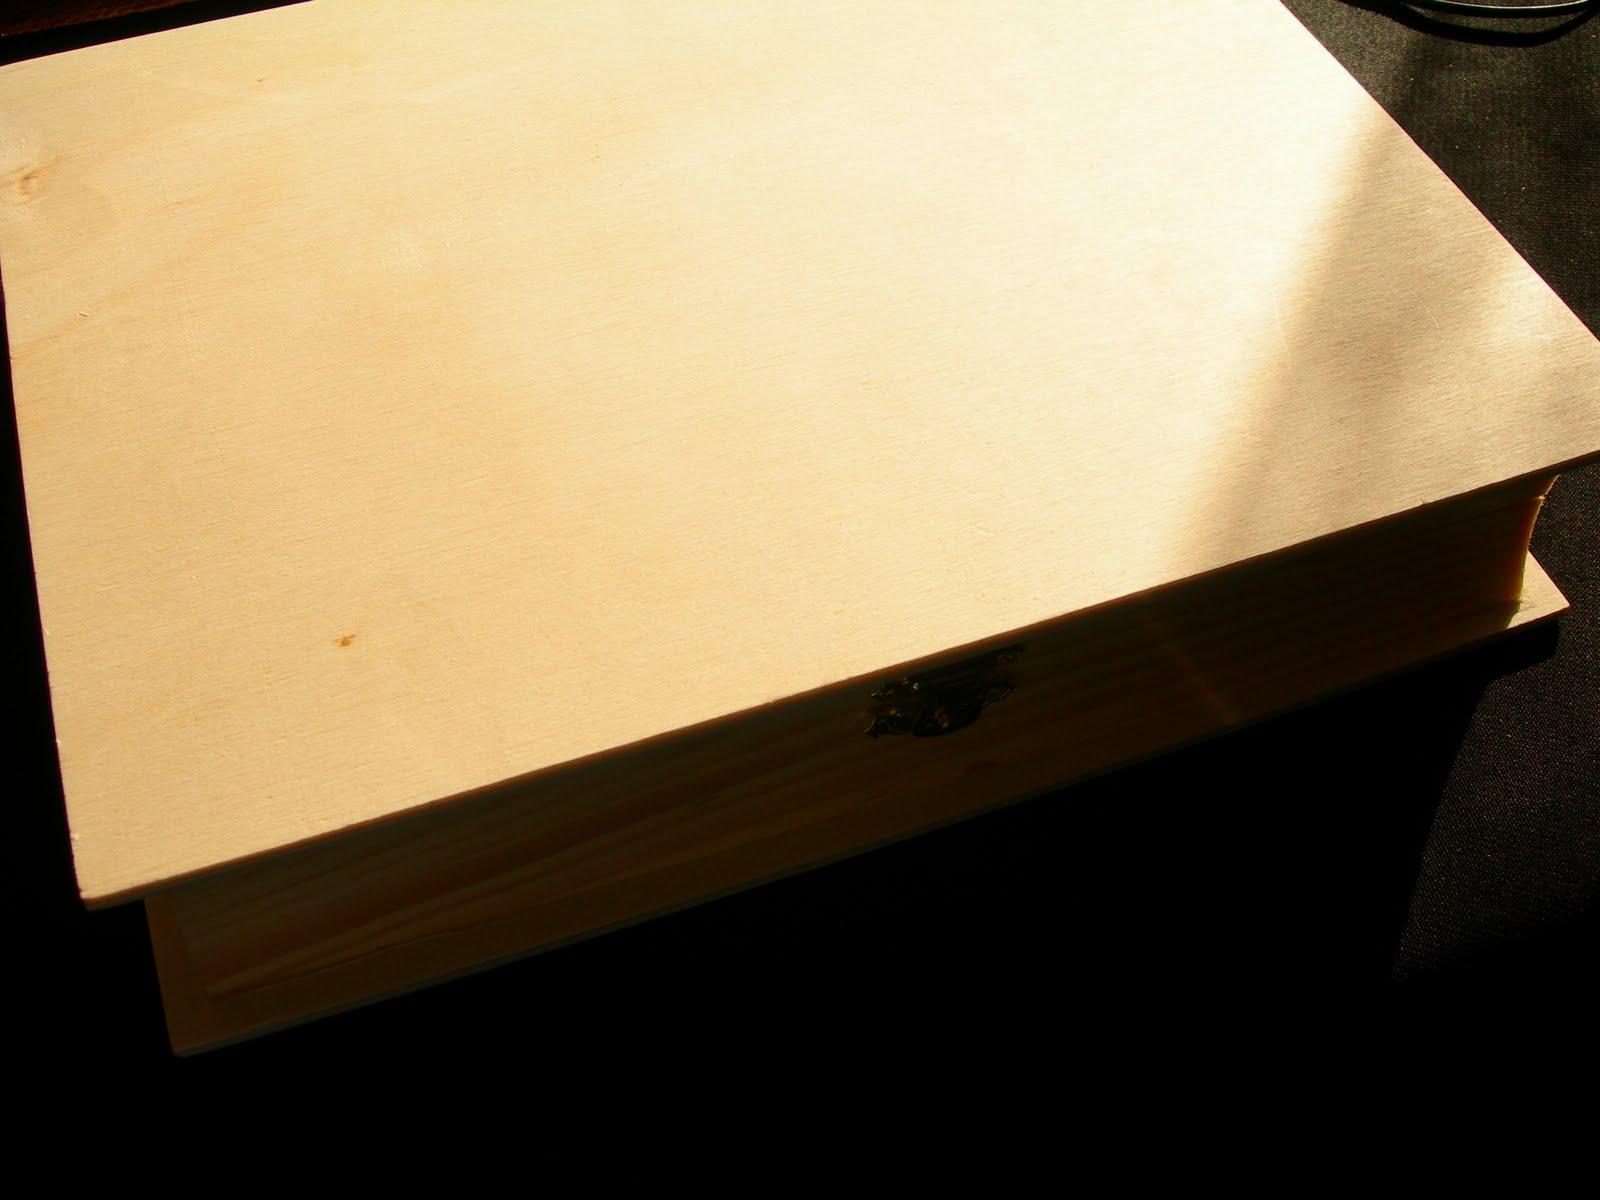 Caixa de Madeira em Forma de Livro (25x19x5cm) 6€ #B68B15 1600x1200